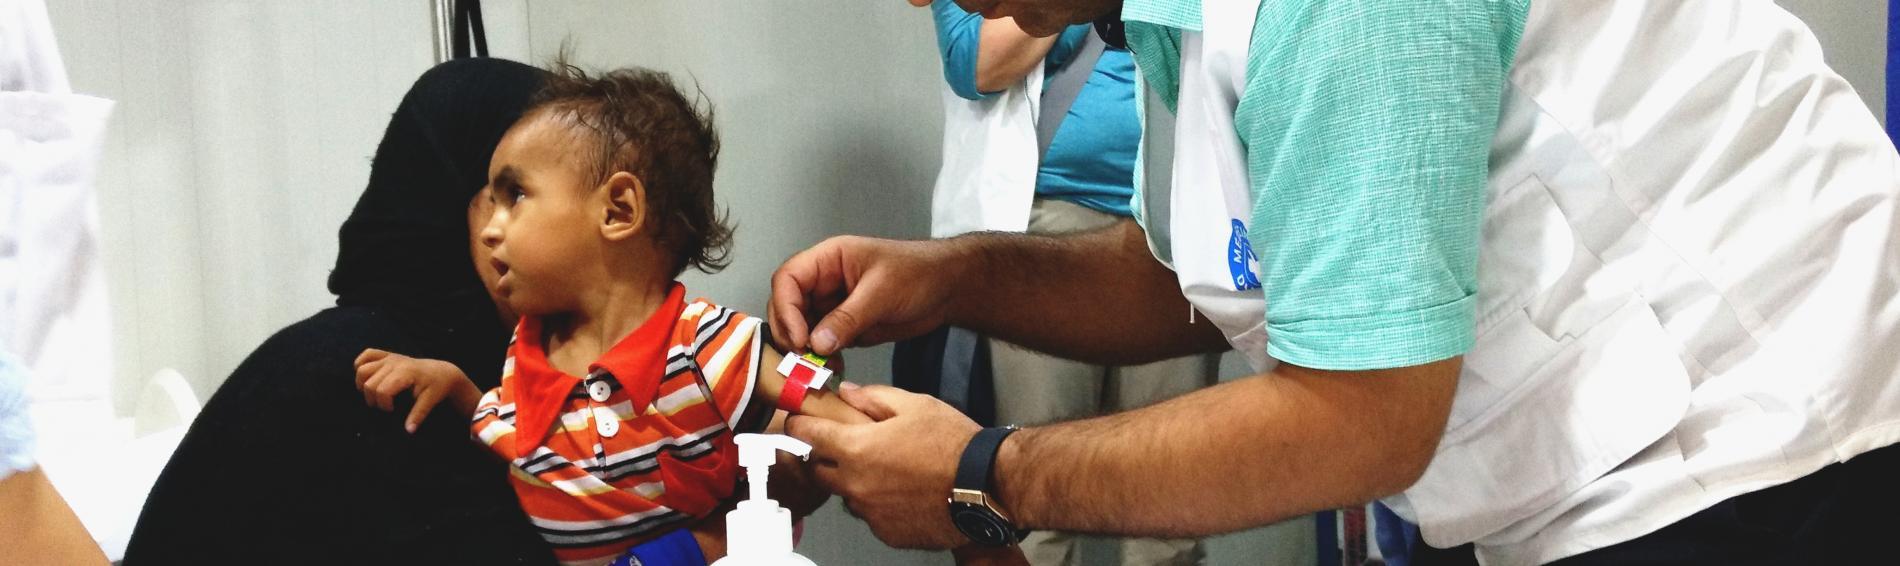 Viele Kinder im Irak sind mangelernährt. Foto: Ute Zurmühl